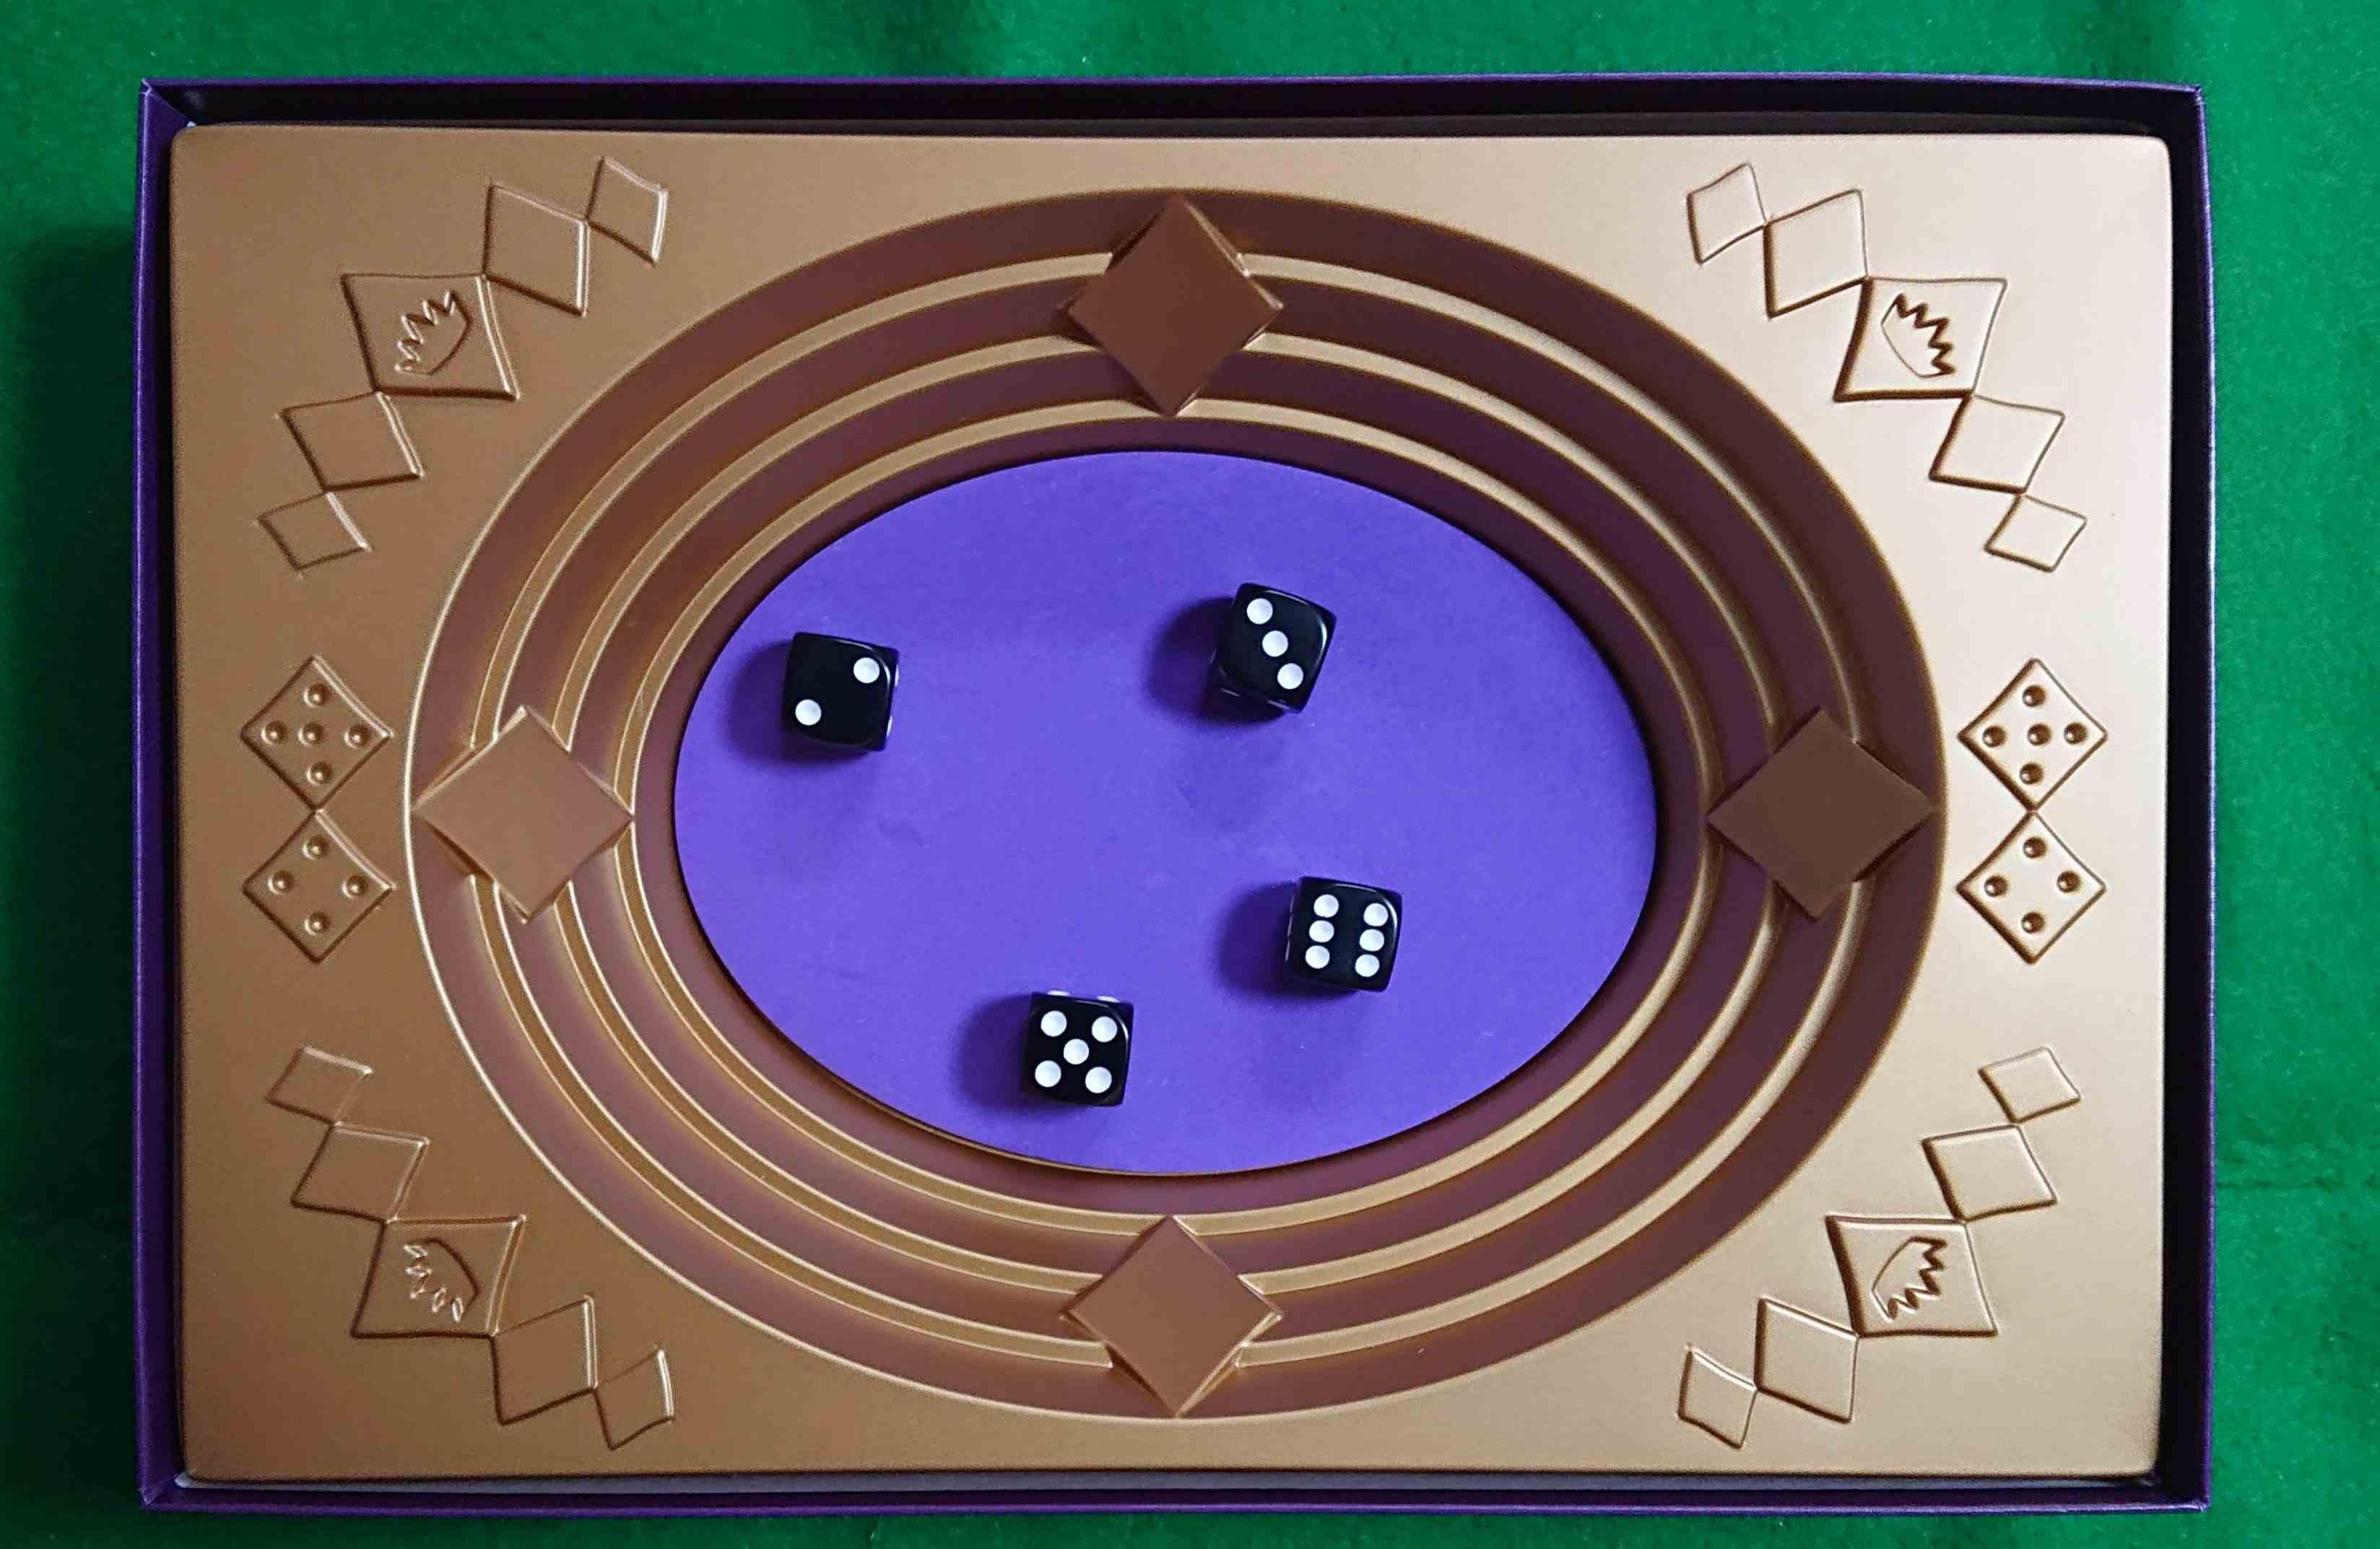 ストライク(STRIKE) ダイスを振って戦うボードゲーム